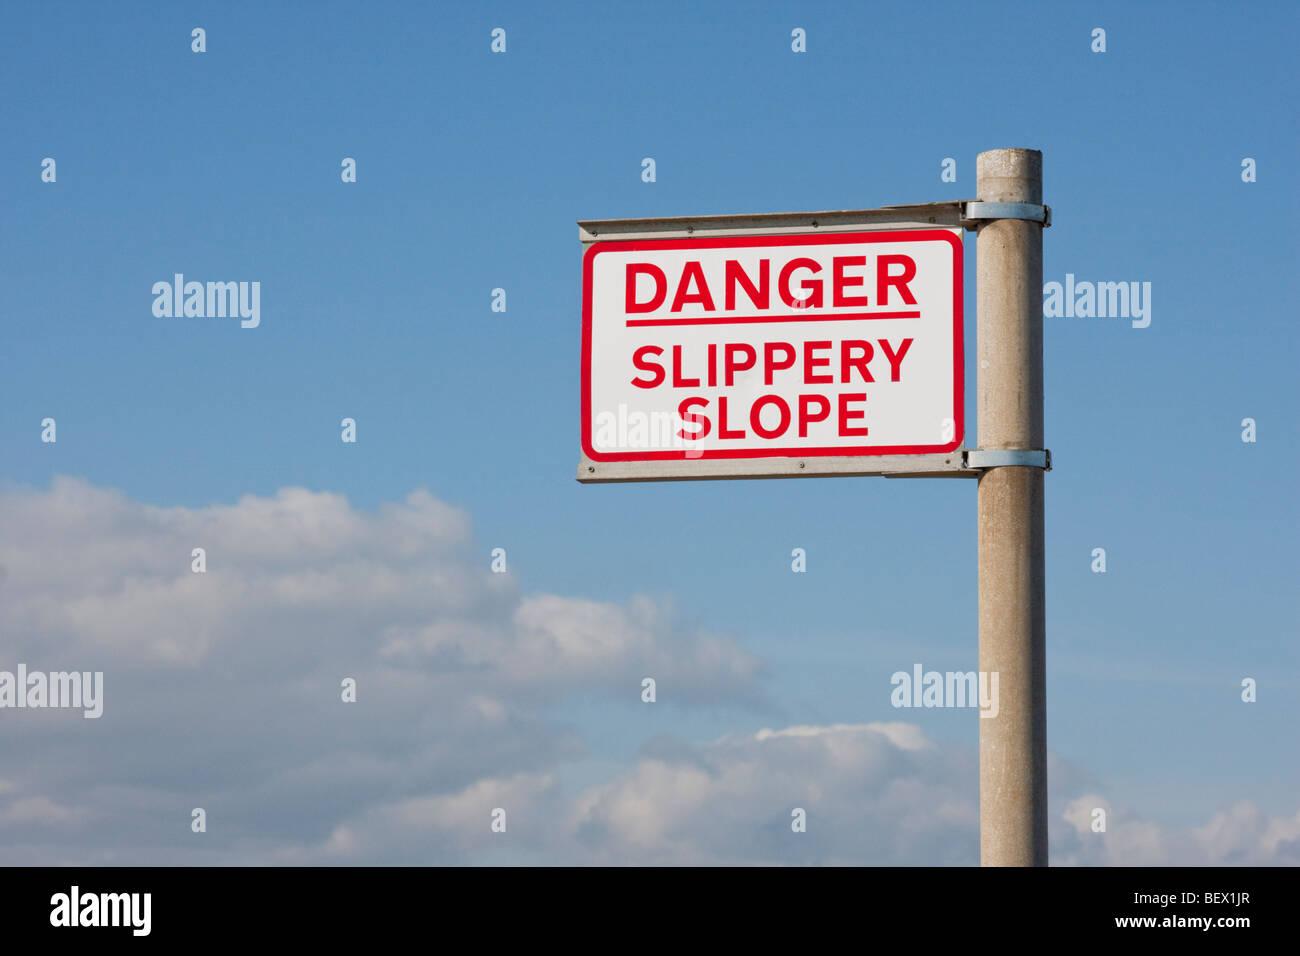 Danger Slippery Slope sign - Stock Image